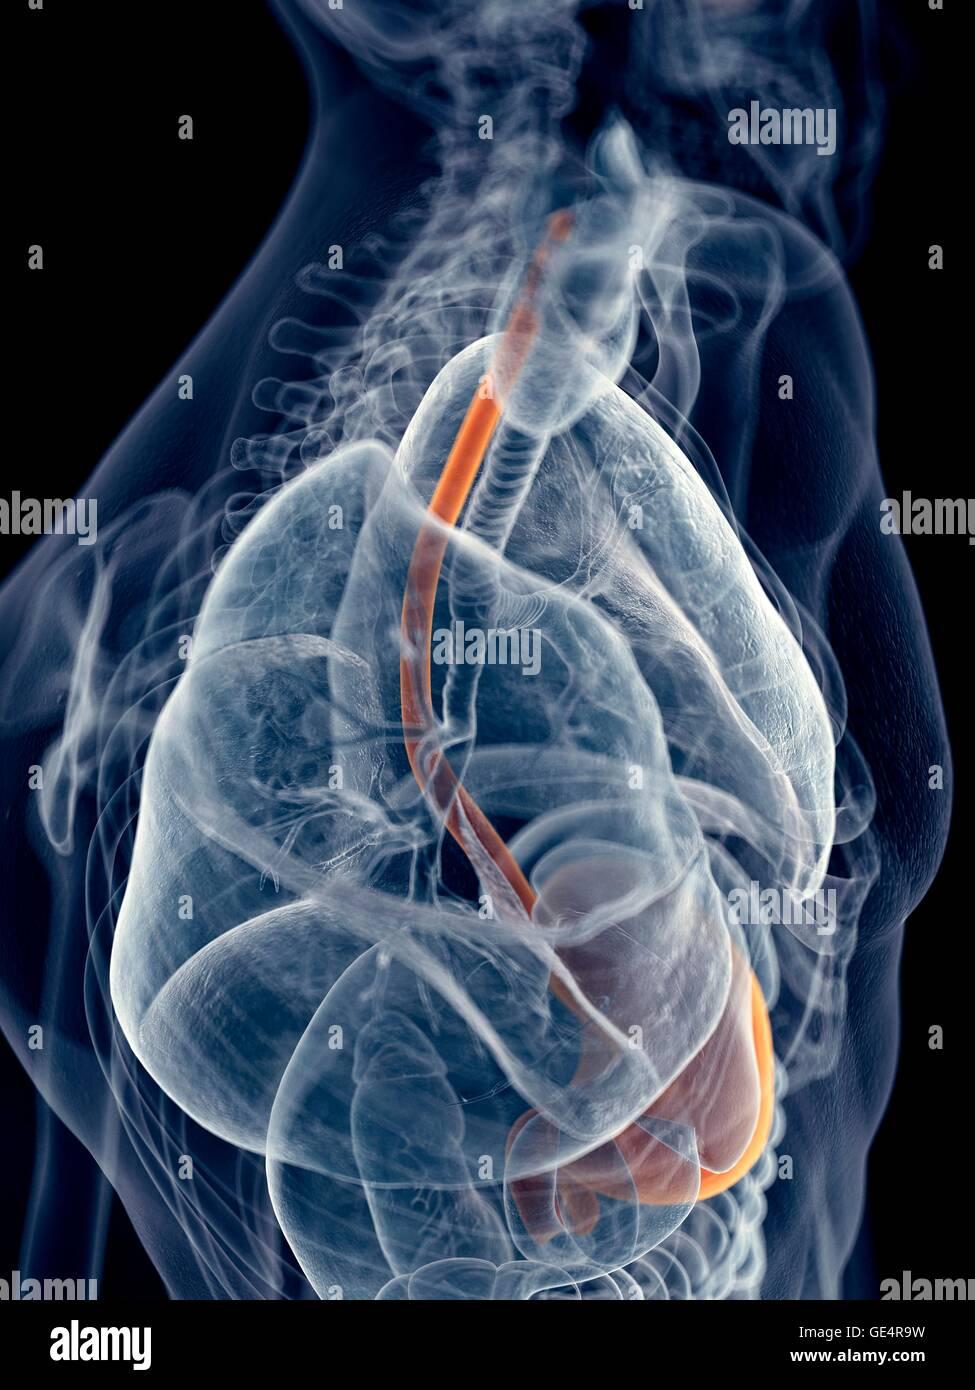 Menschliche Speiseröhre und des Magens, Abbildung Stockfoto, Bild ...